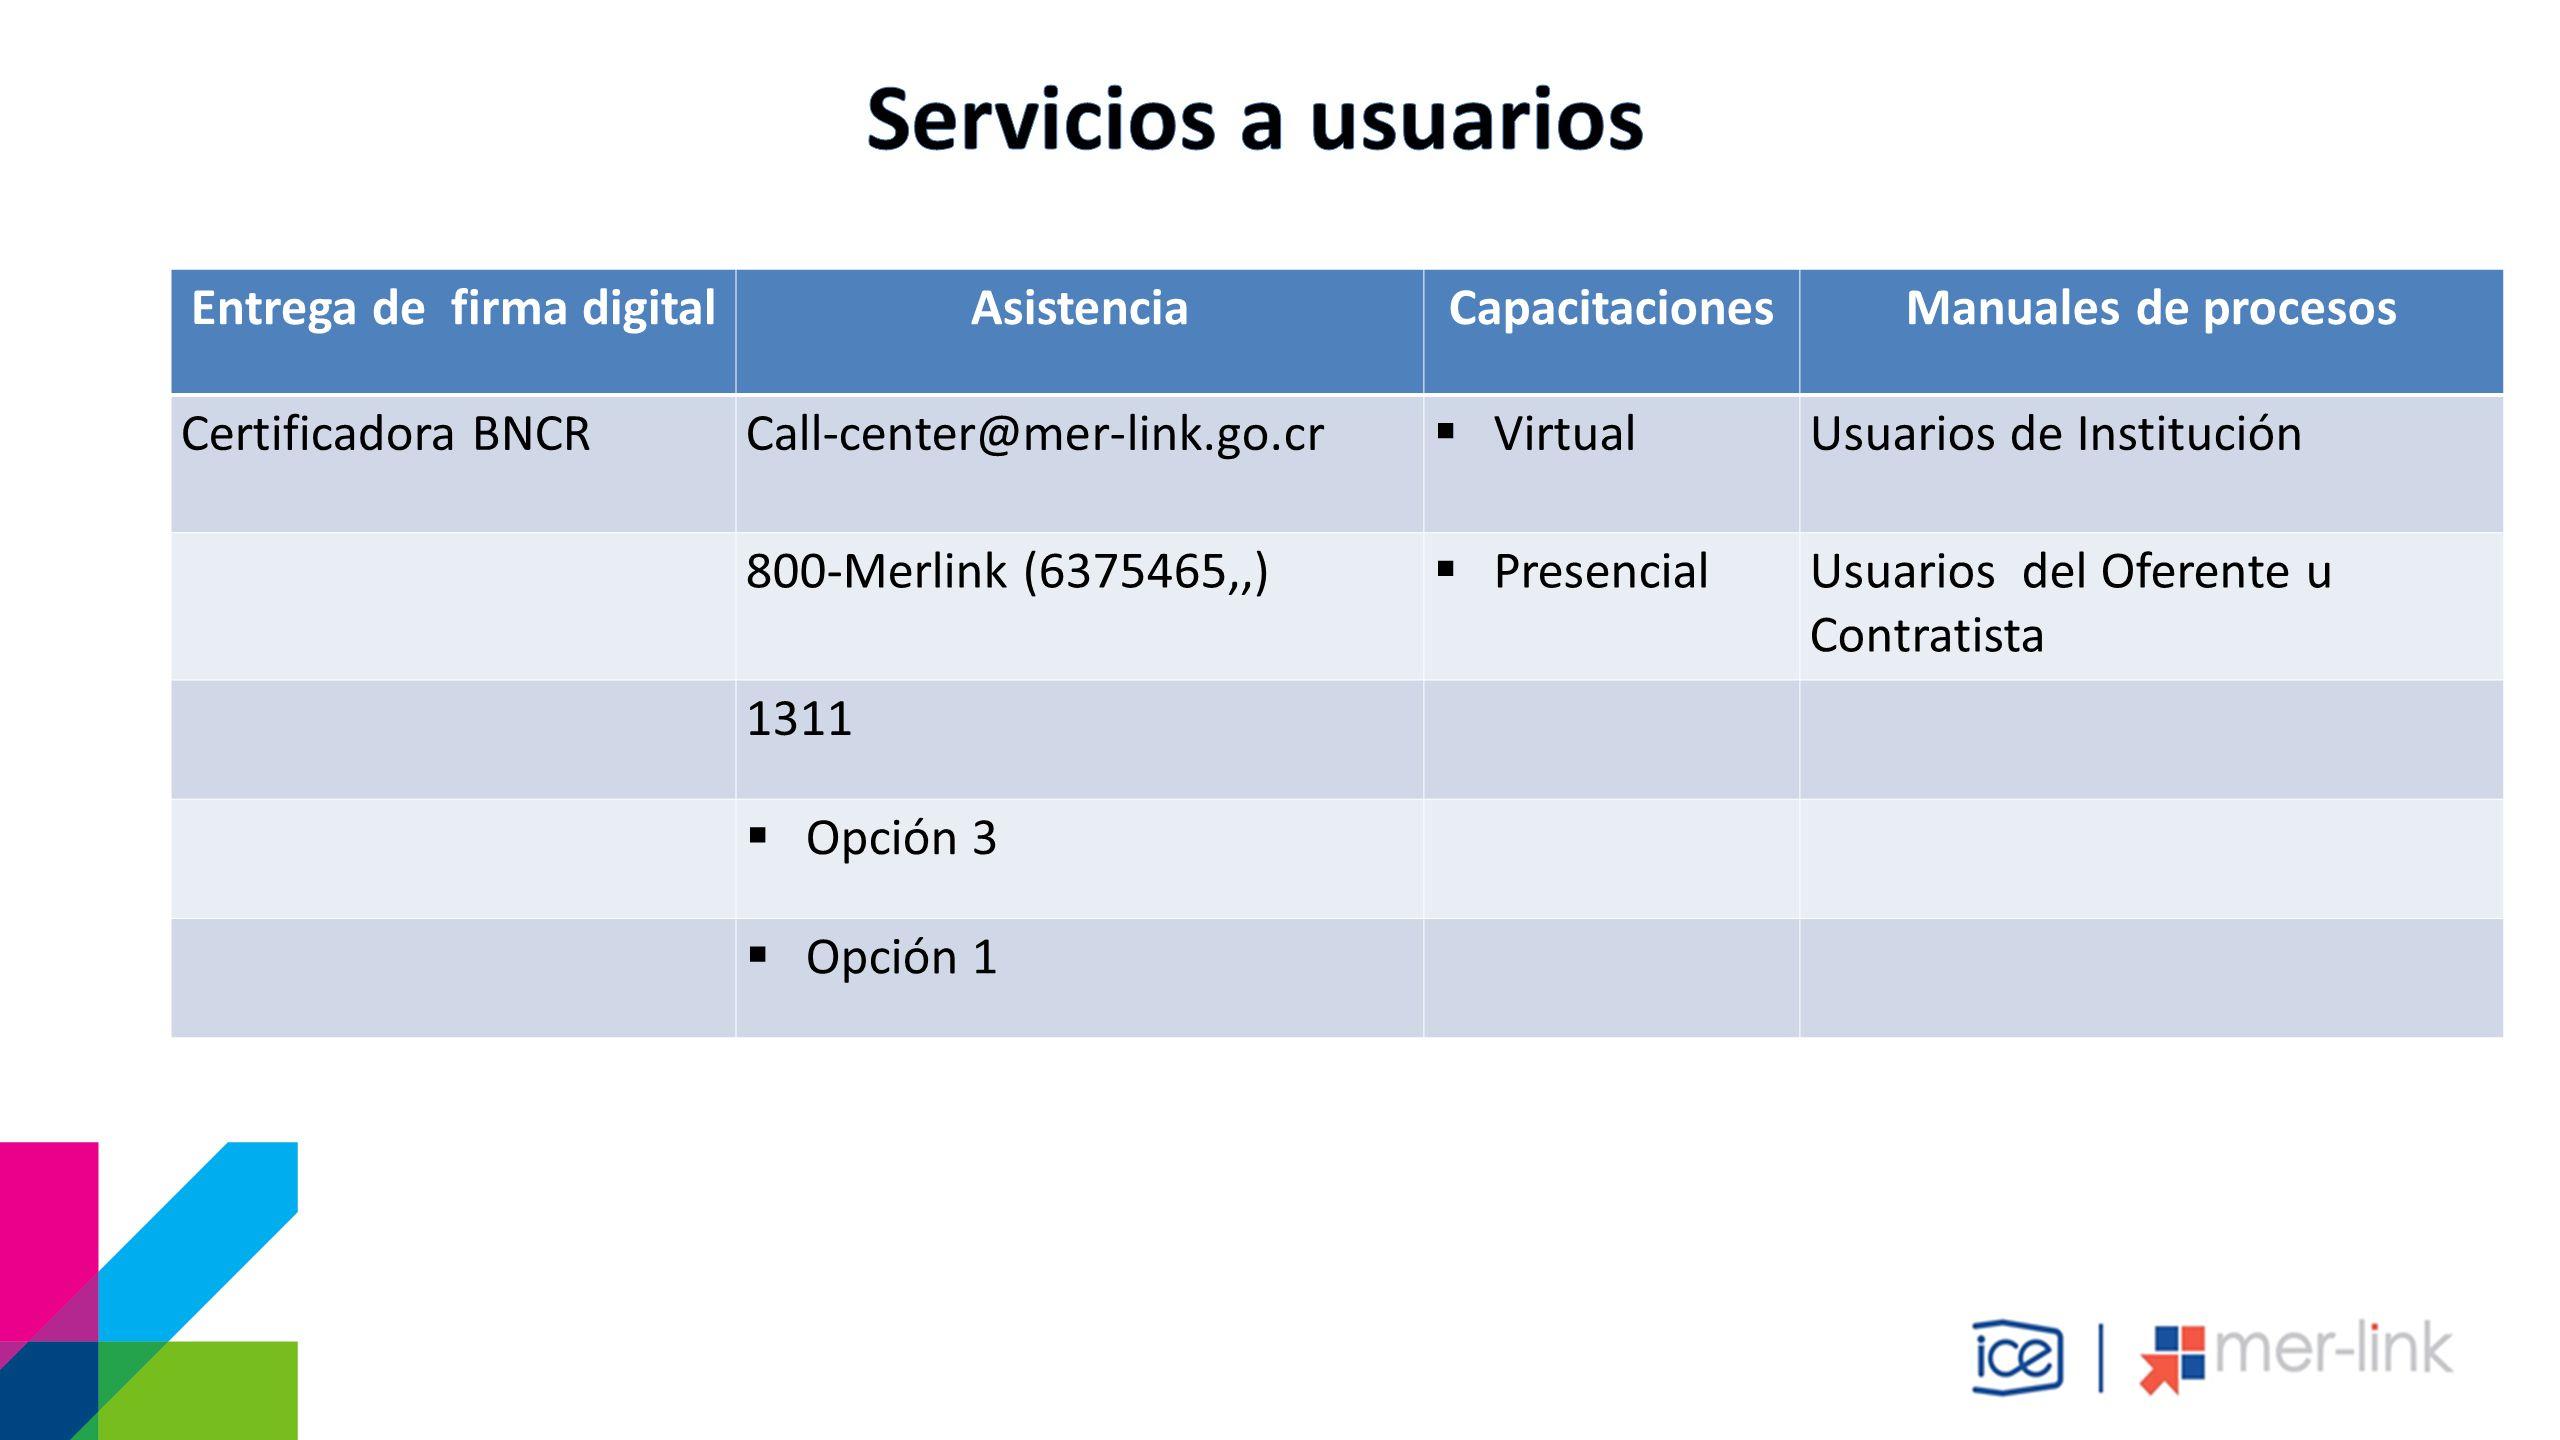 Capacitación presencial Entrega de firma digital AsistenciaCapacitacionesManuales de procesos Certificadora BNCRCall-center@mer-link.go.cr  VirtualUsuarios de Institución 800-Merlink (6375465,,)  PresencialUsuarios del Oferente u Contratista 1311  Opción 3  Opción 1